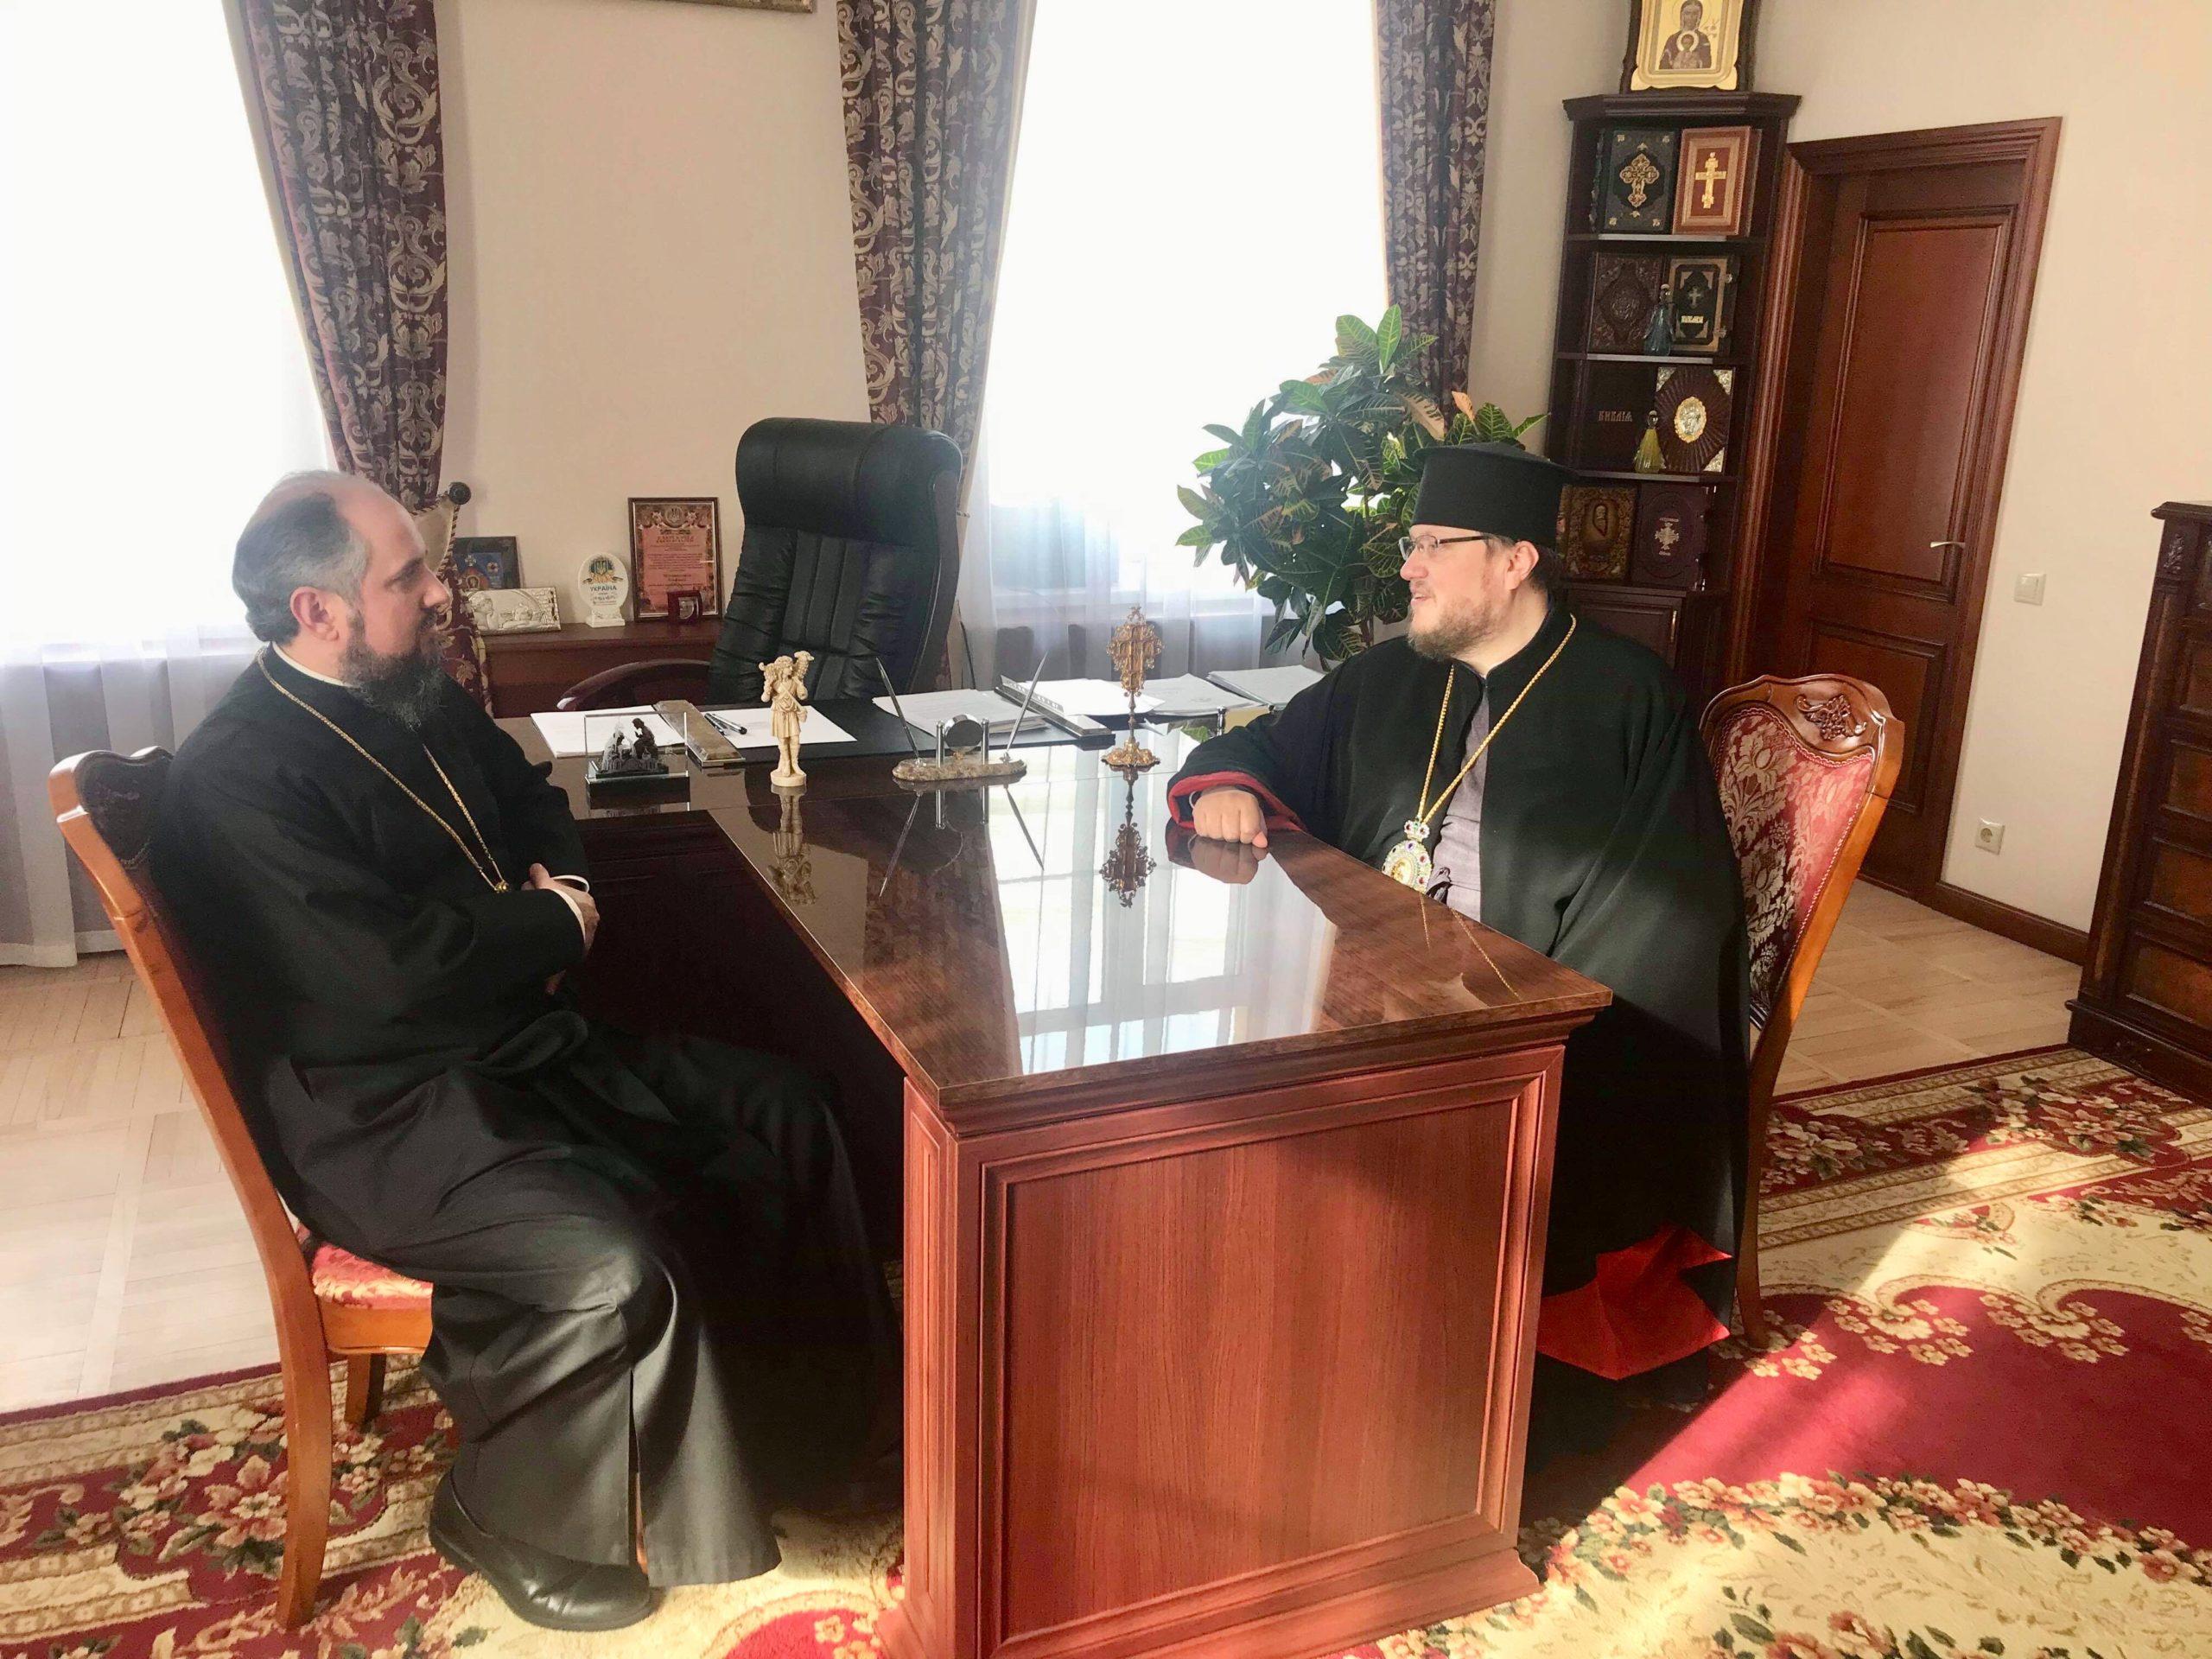 Єпископ з Волині зустрівся з очільником ПЦУ